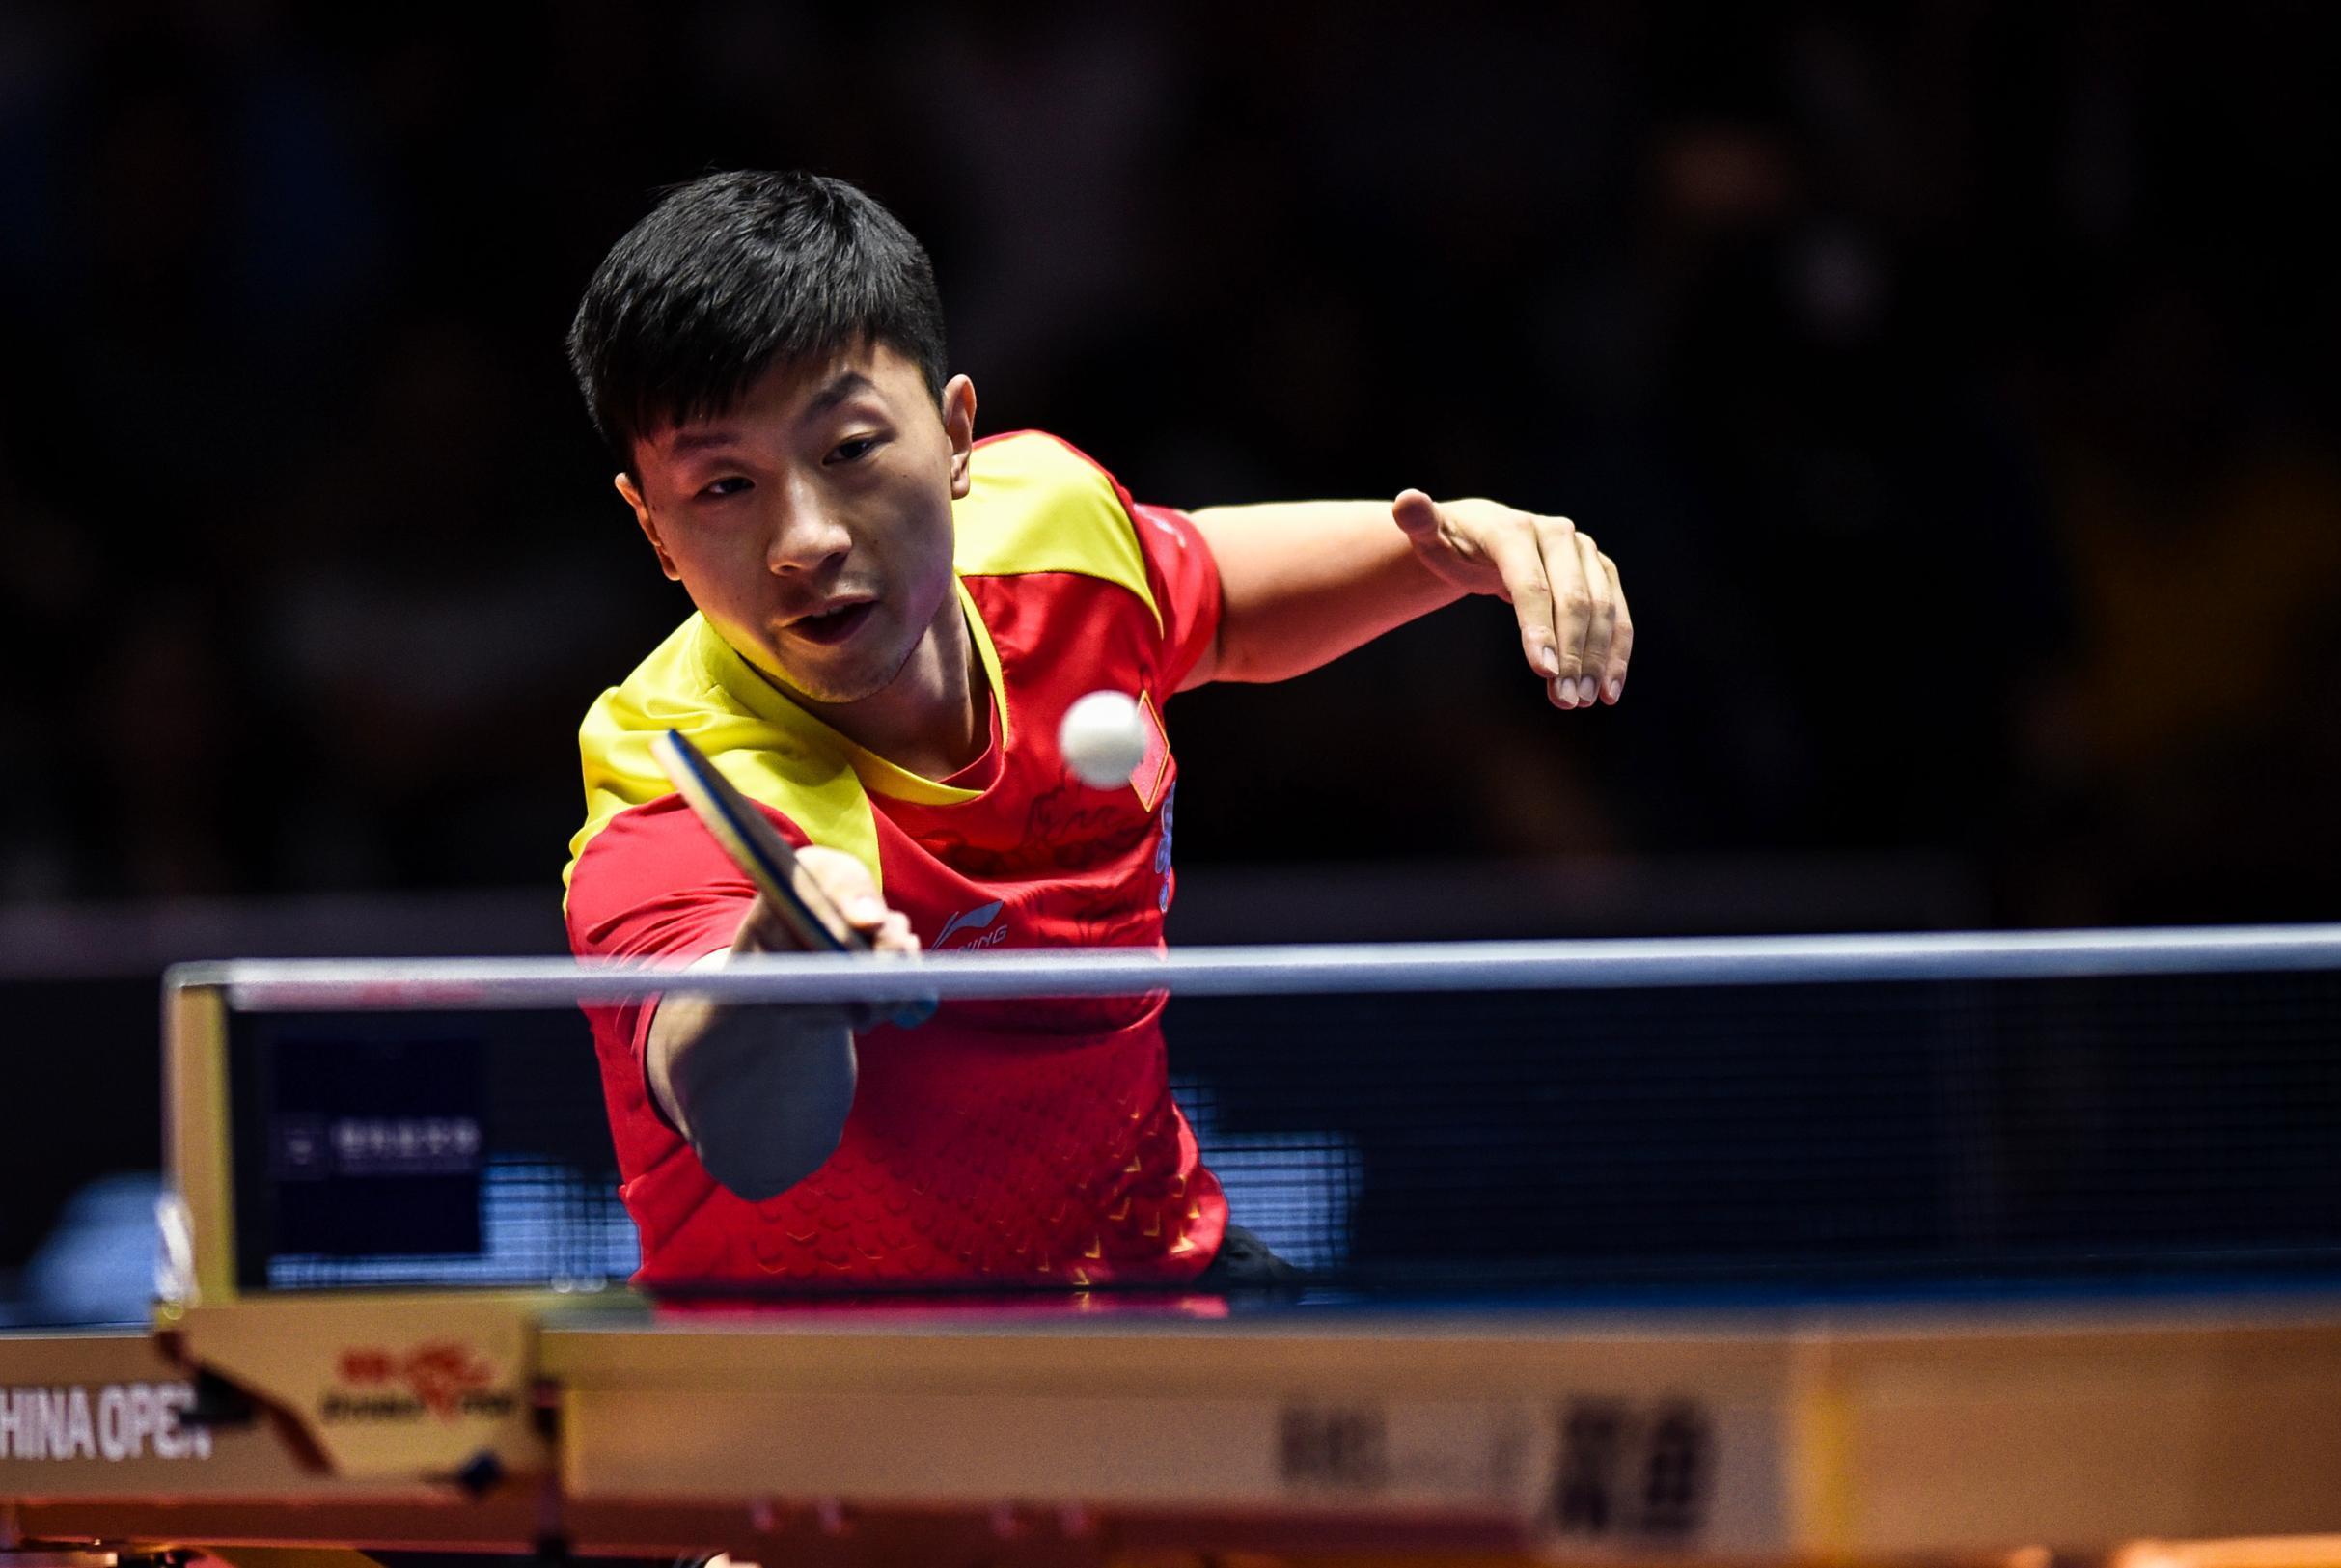 国际乒联又放大招,国乒喜忧参半,混双王牌有望提前获得奥运门票